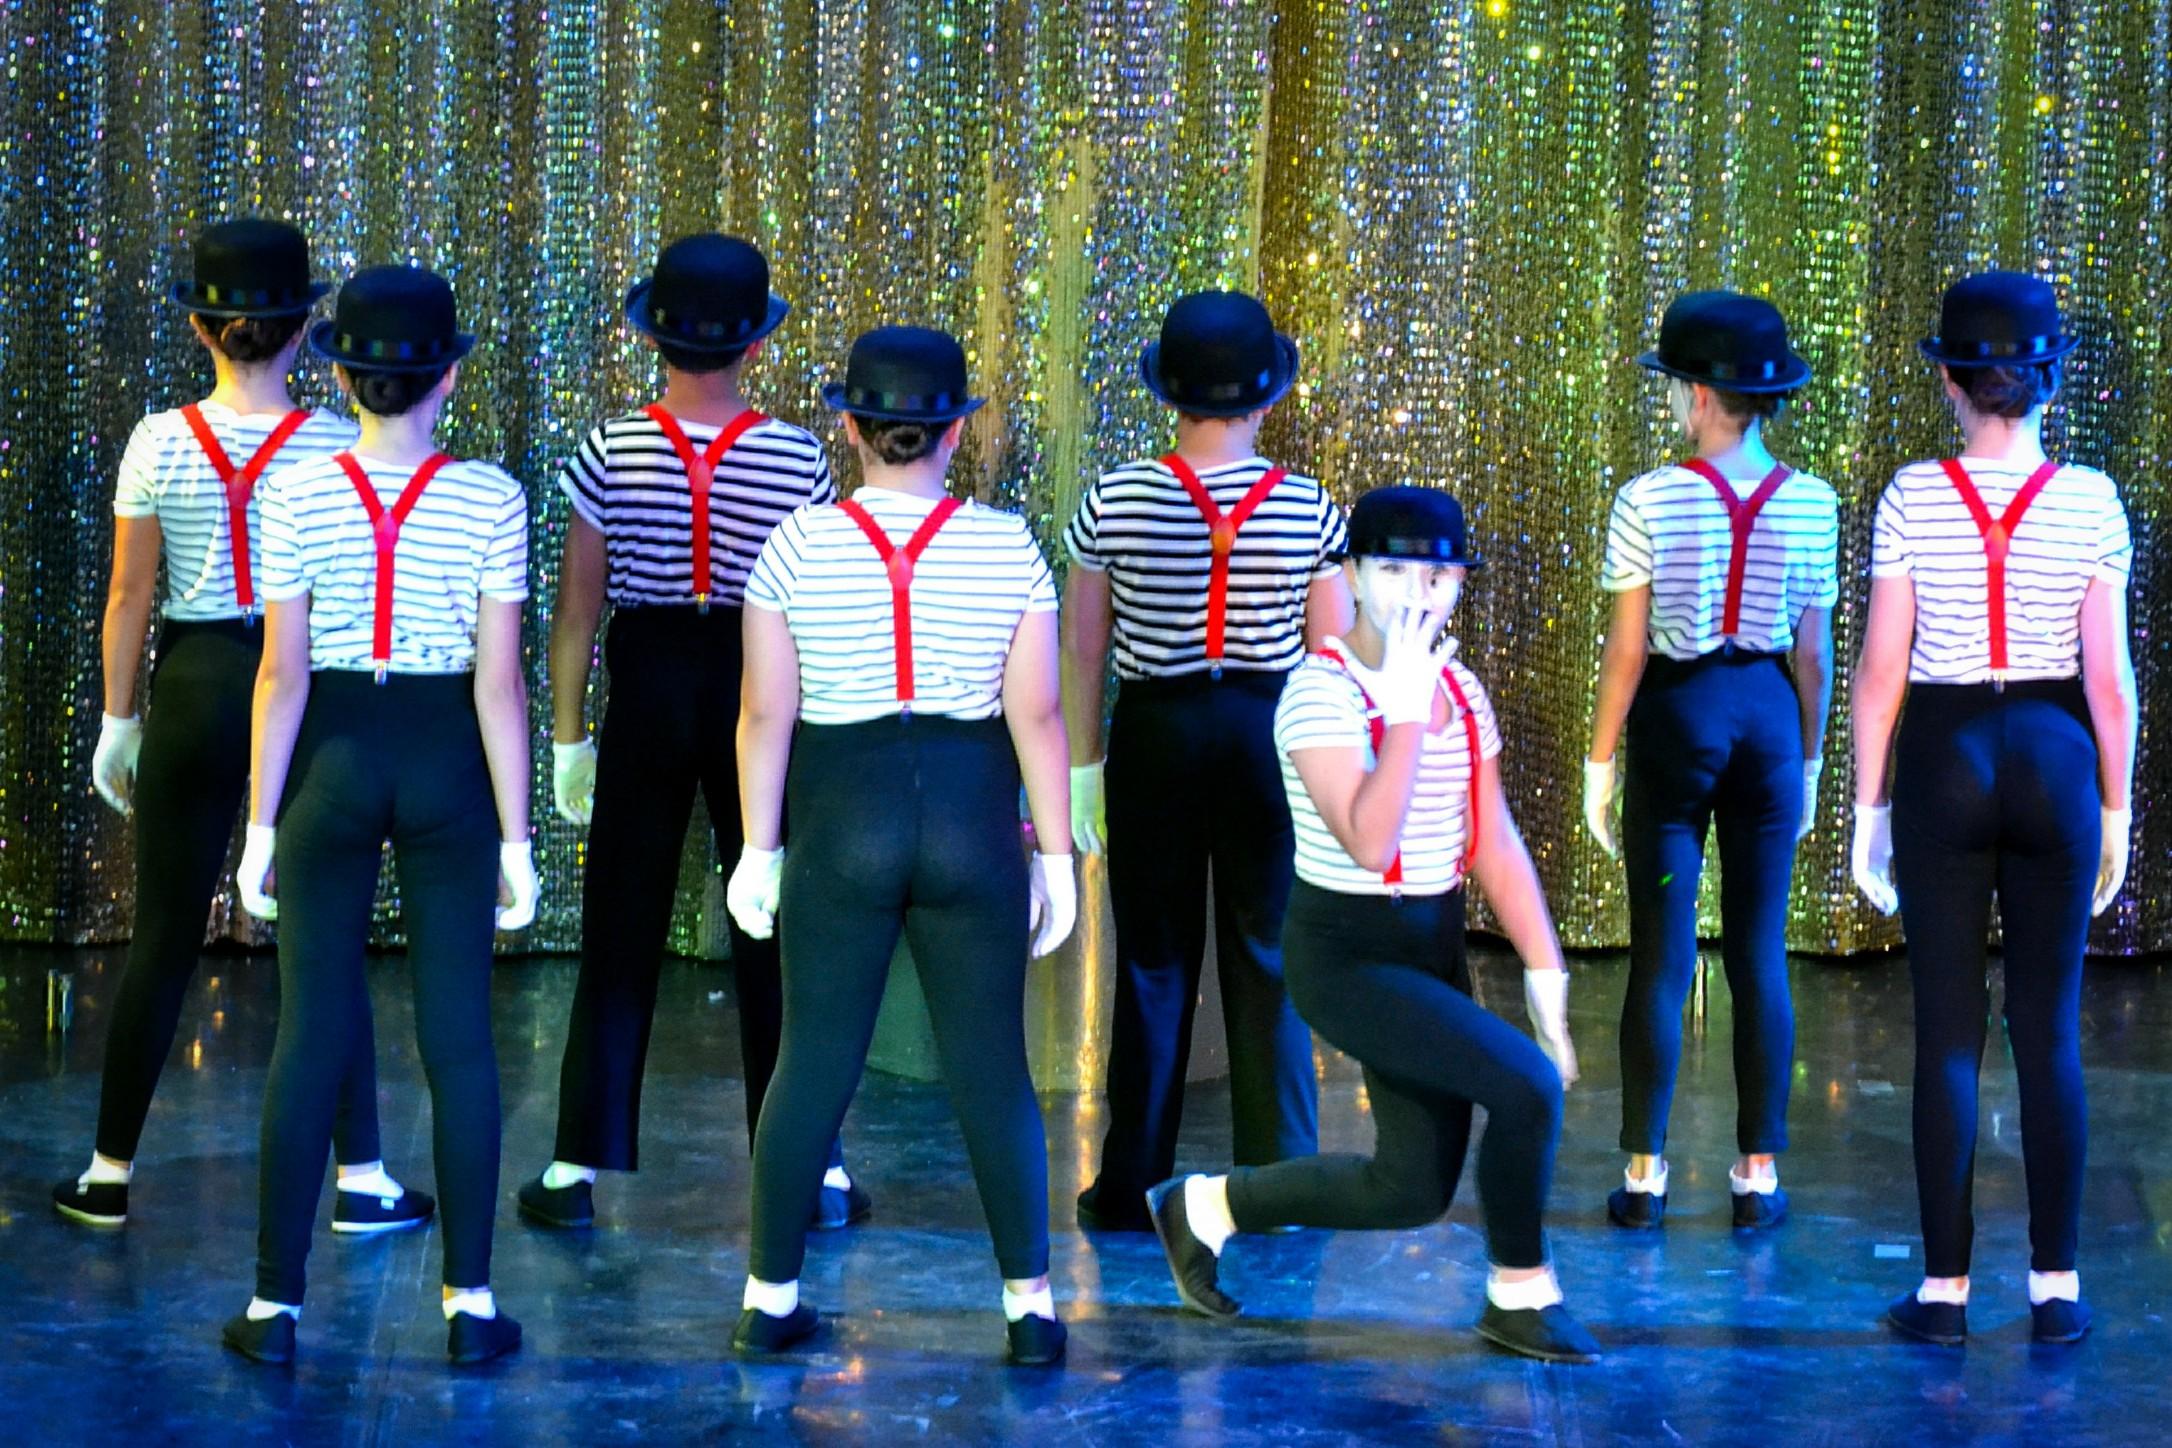 Linea-de-Baile-festival-verano-2015-clases-de-baile-valencia-33